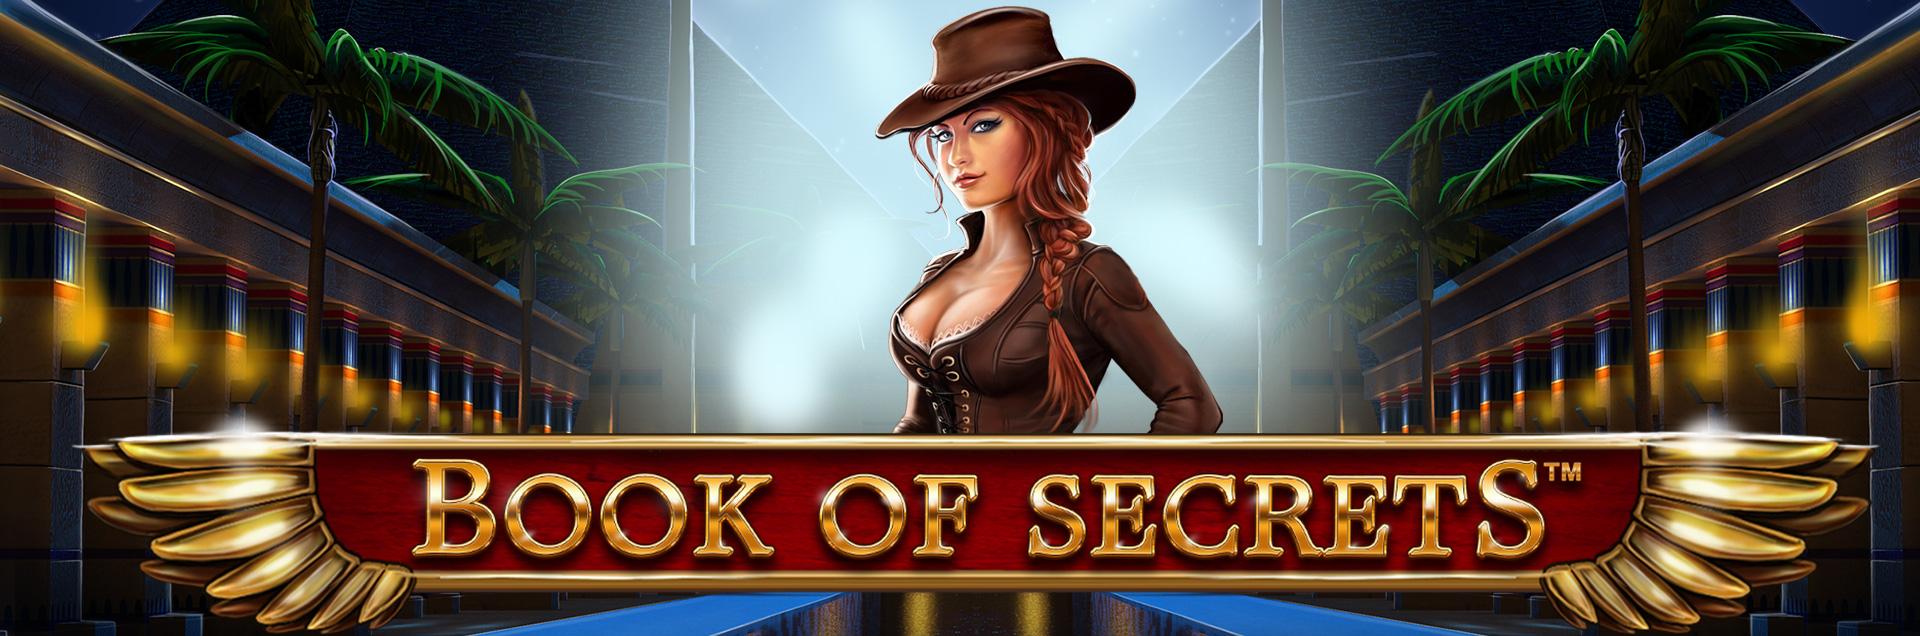 Book of Secretsレビューカジノオンラインスロットゲーム